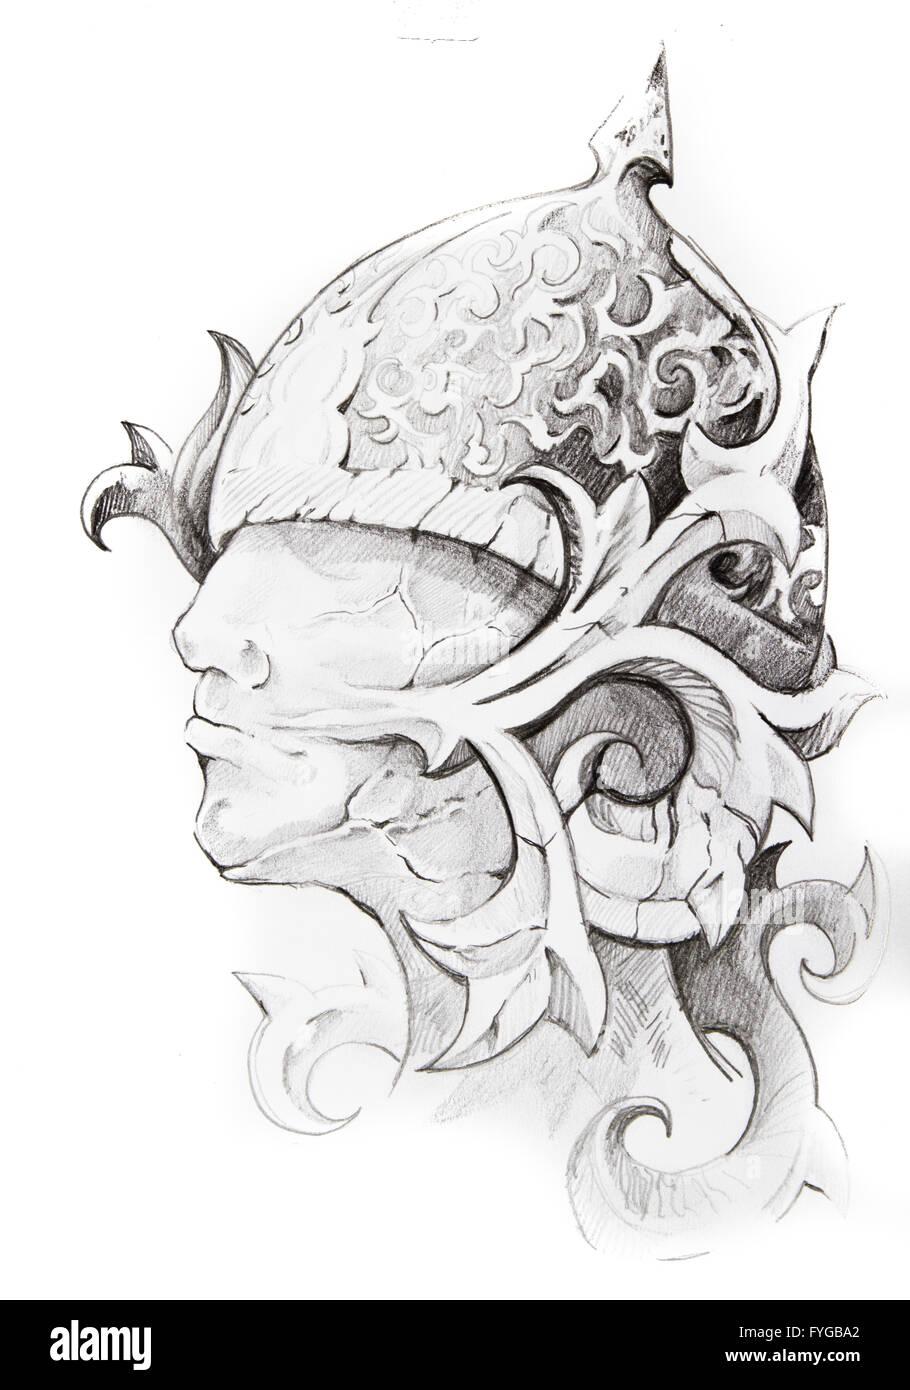 Croquis De Tatouage croquis de tatouage tête de guerrier, fait main banque d'images